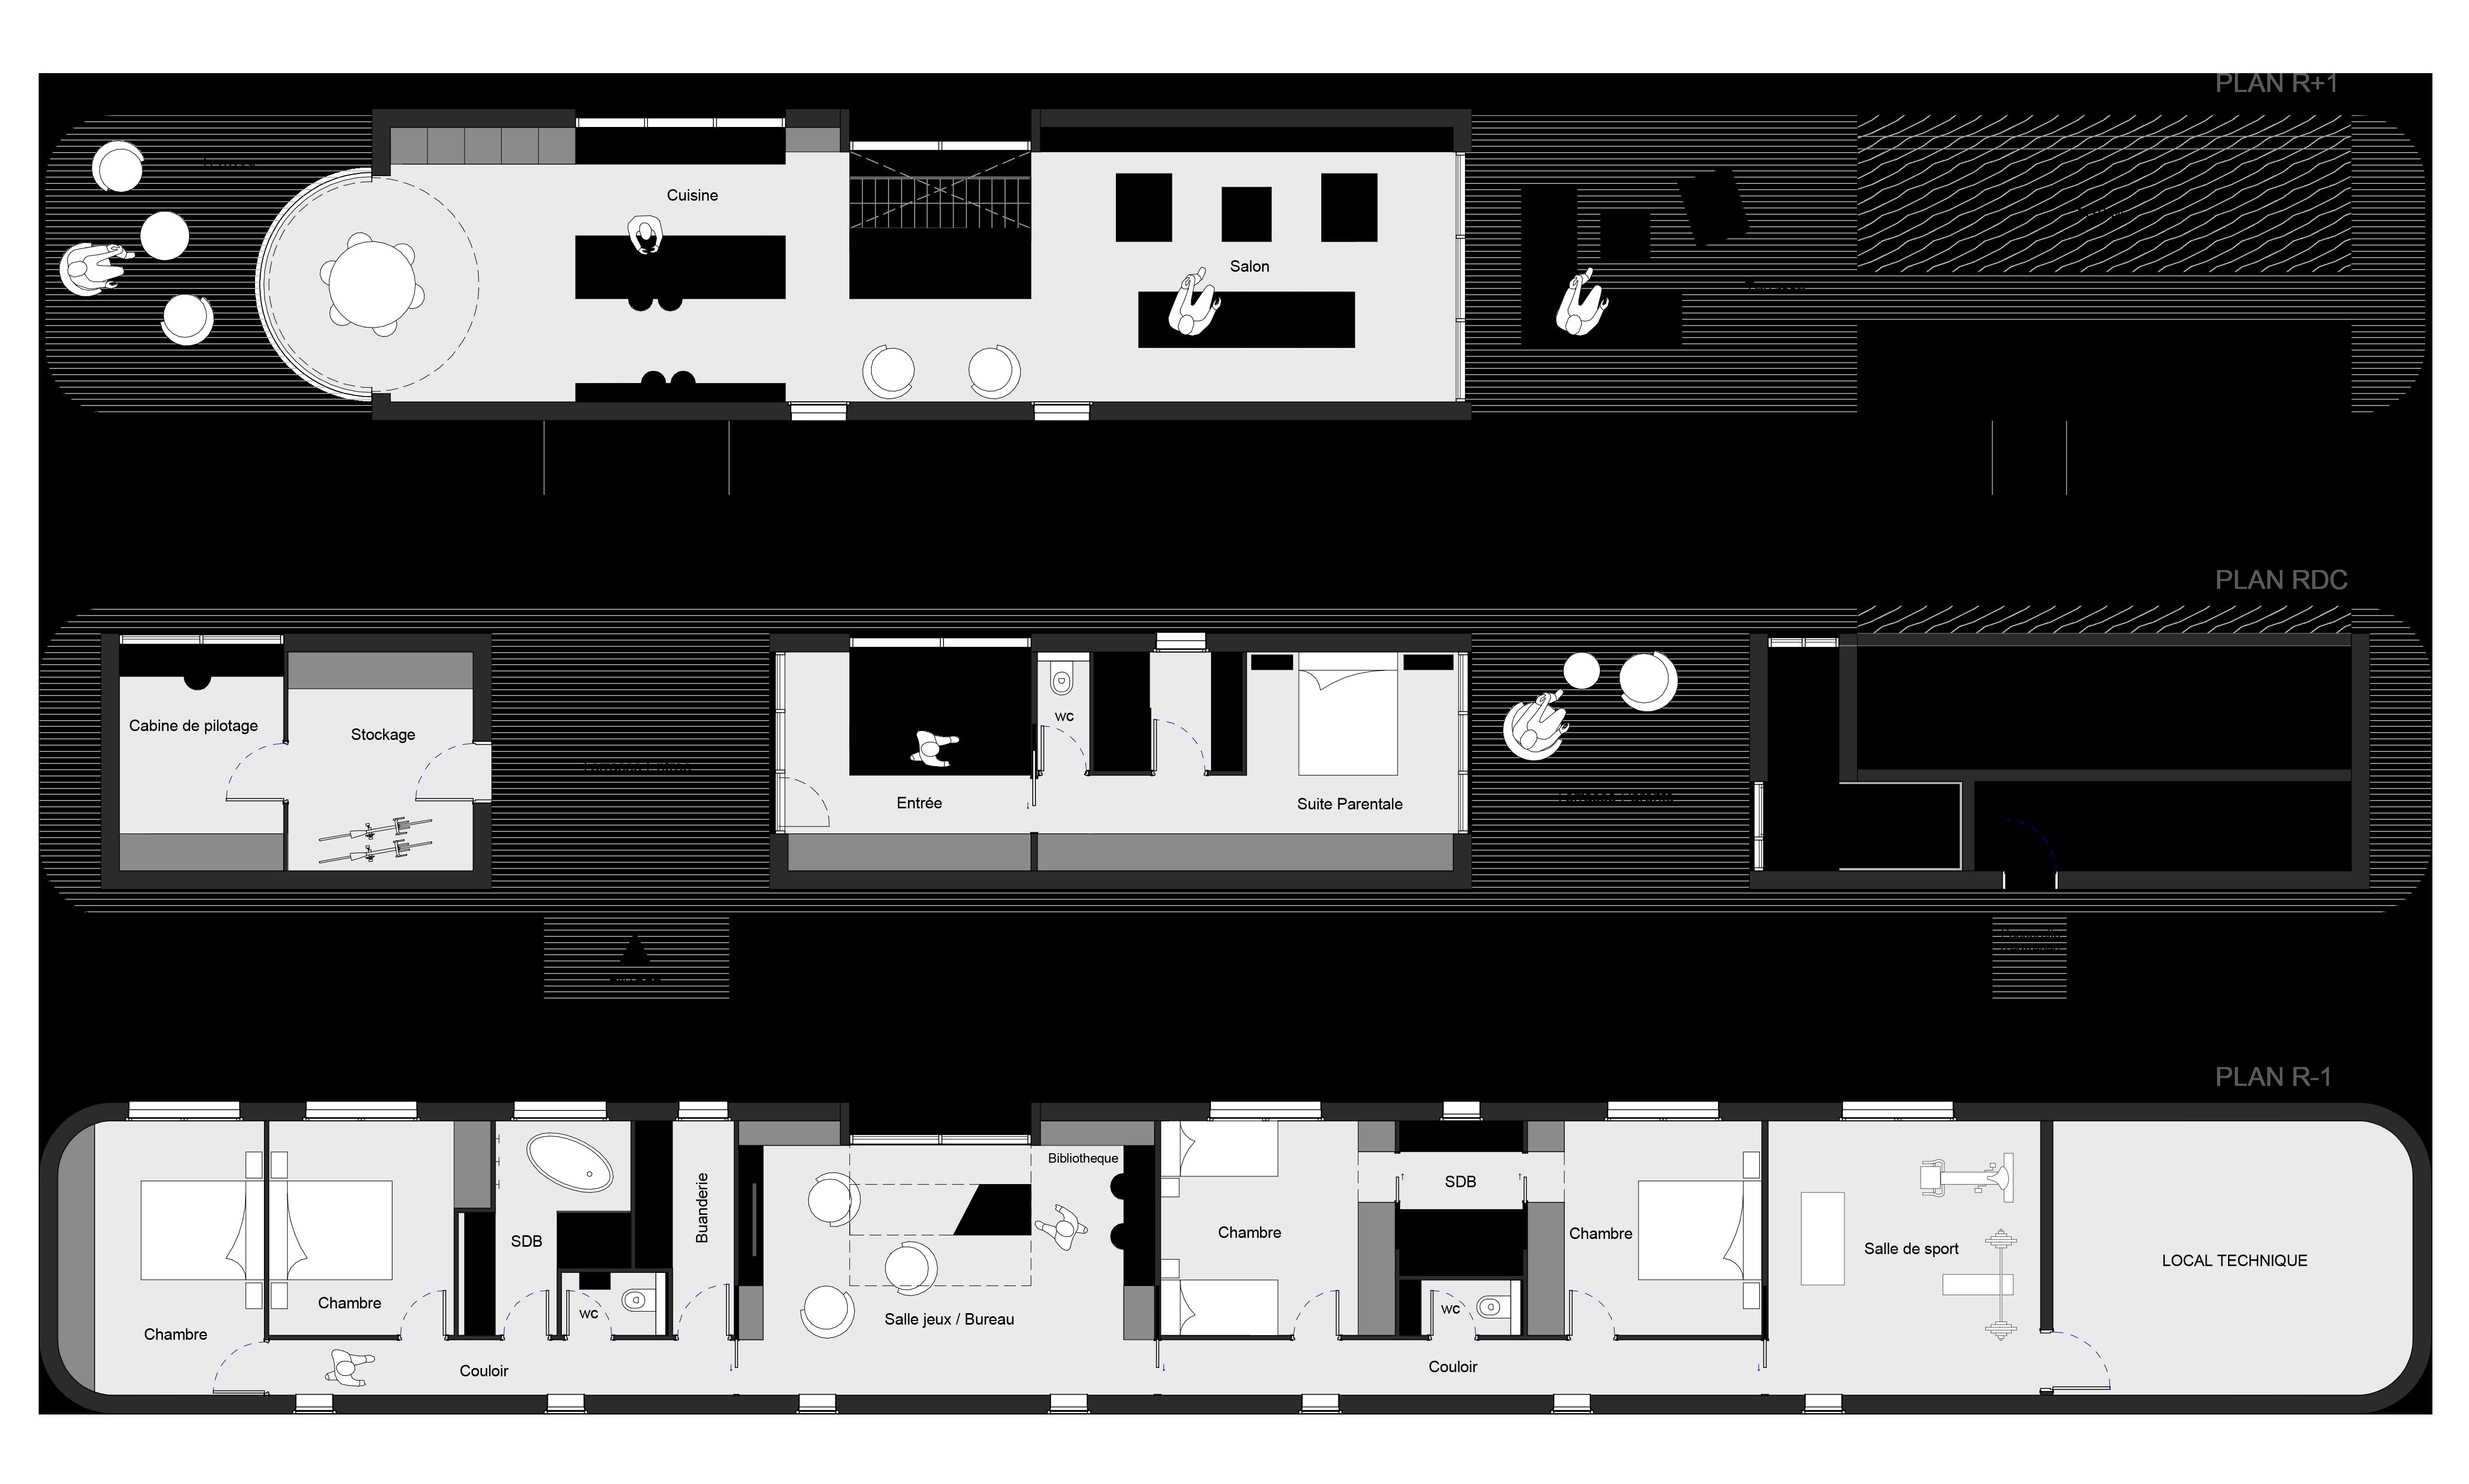 Rénovation d'une péniche bateau en maison flottante contemporaine par Dank, architecte sur Lyon avec une piscine à débordement. Plan de la péniche.